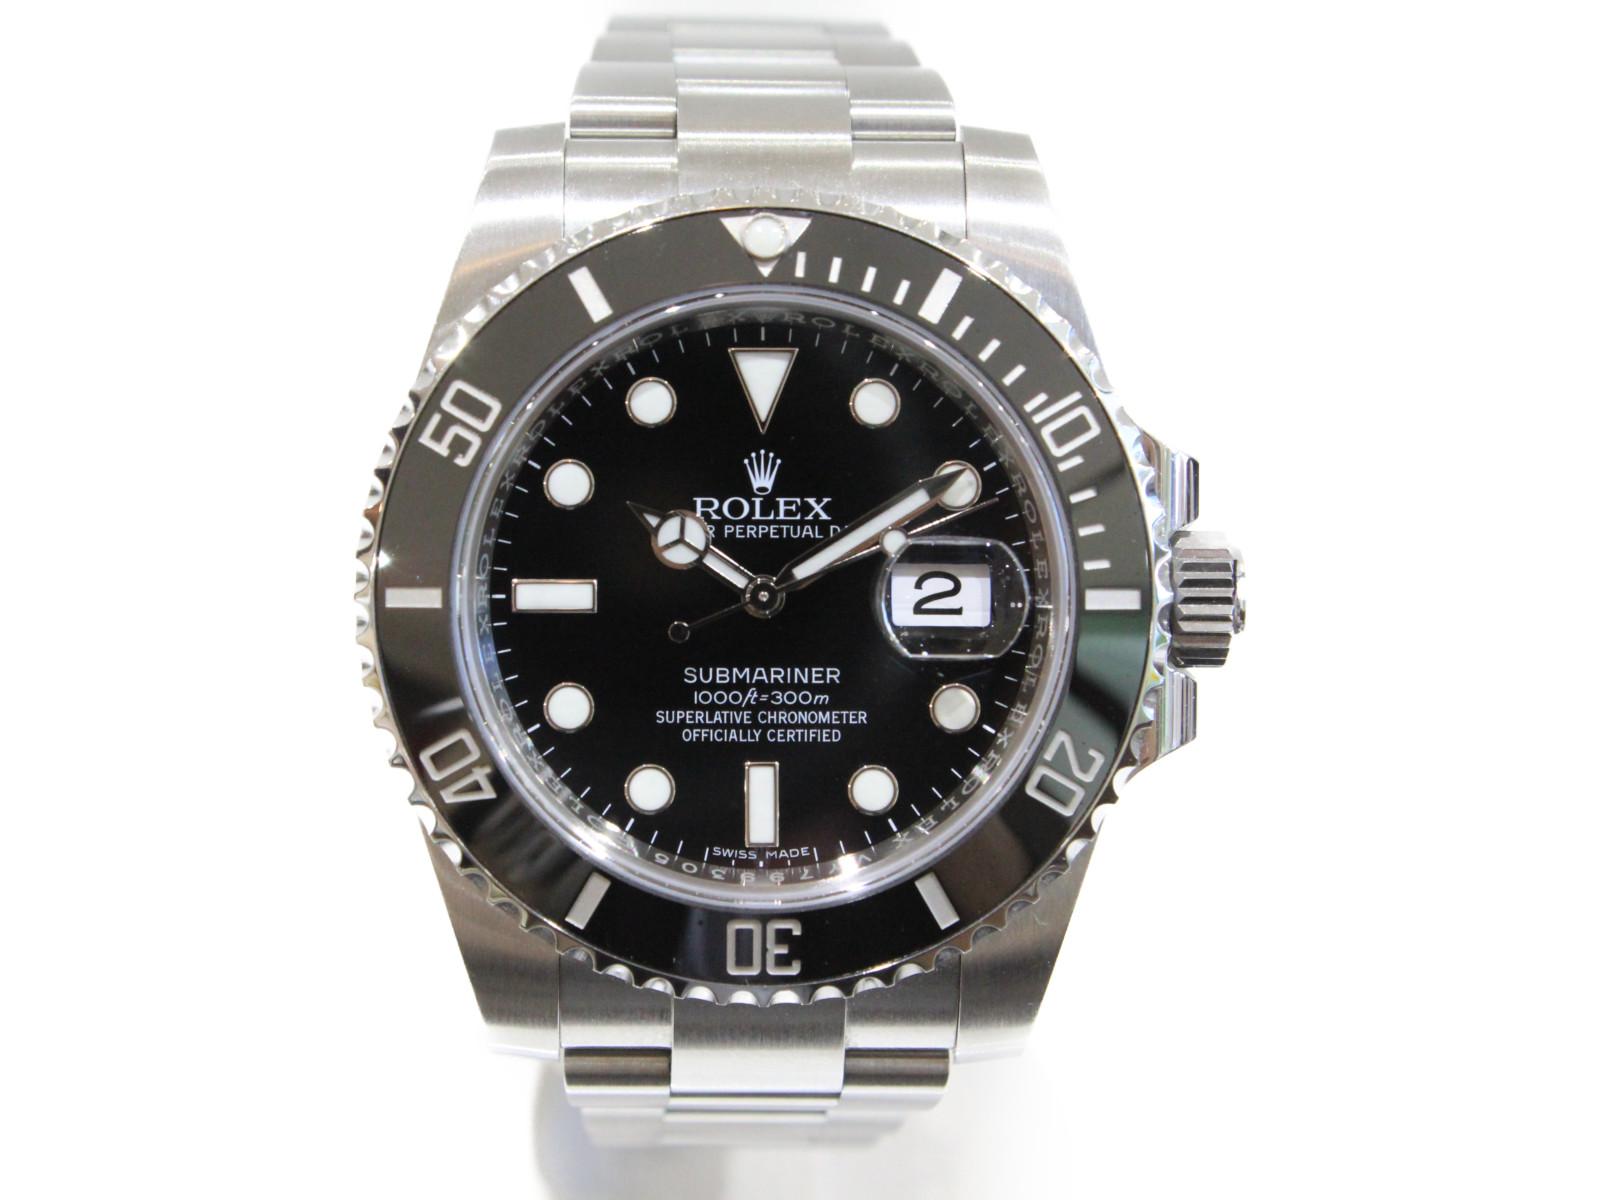 【ギャラ有】ROLEX ロレックス サブマリーナーデイト 116610LN ランダム 2016年購入 自動巻き デイト SS ステンレススチール ブラック メンズ 腕時計【中古】